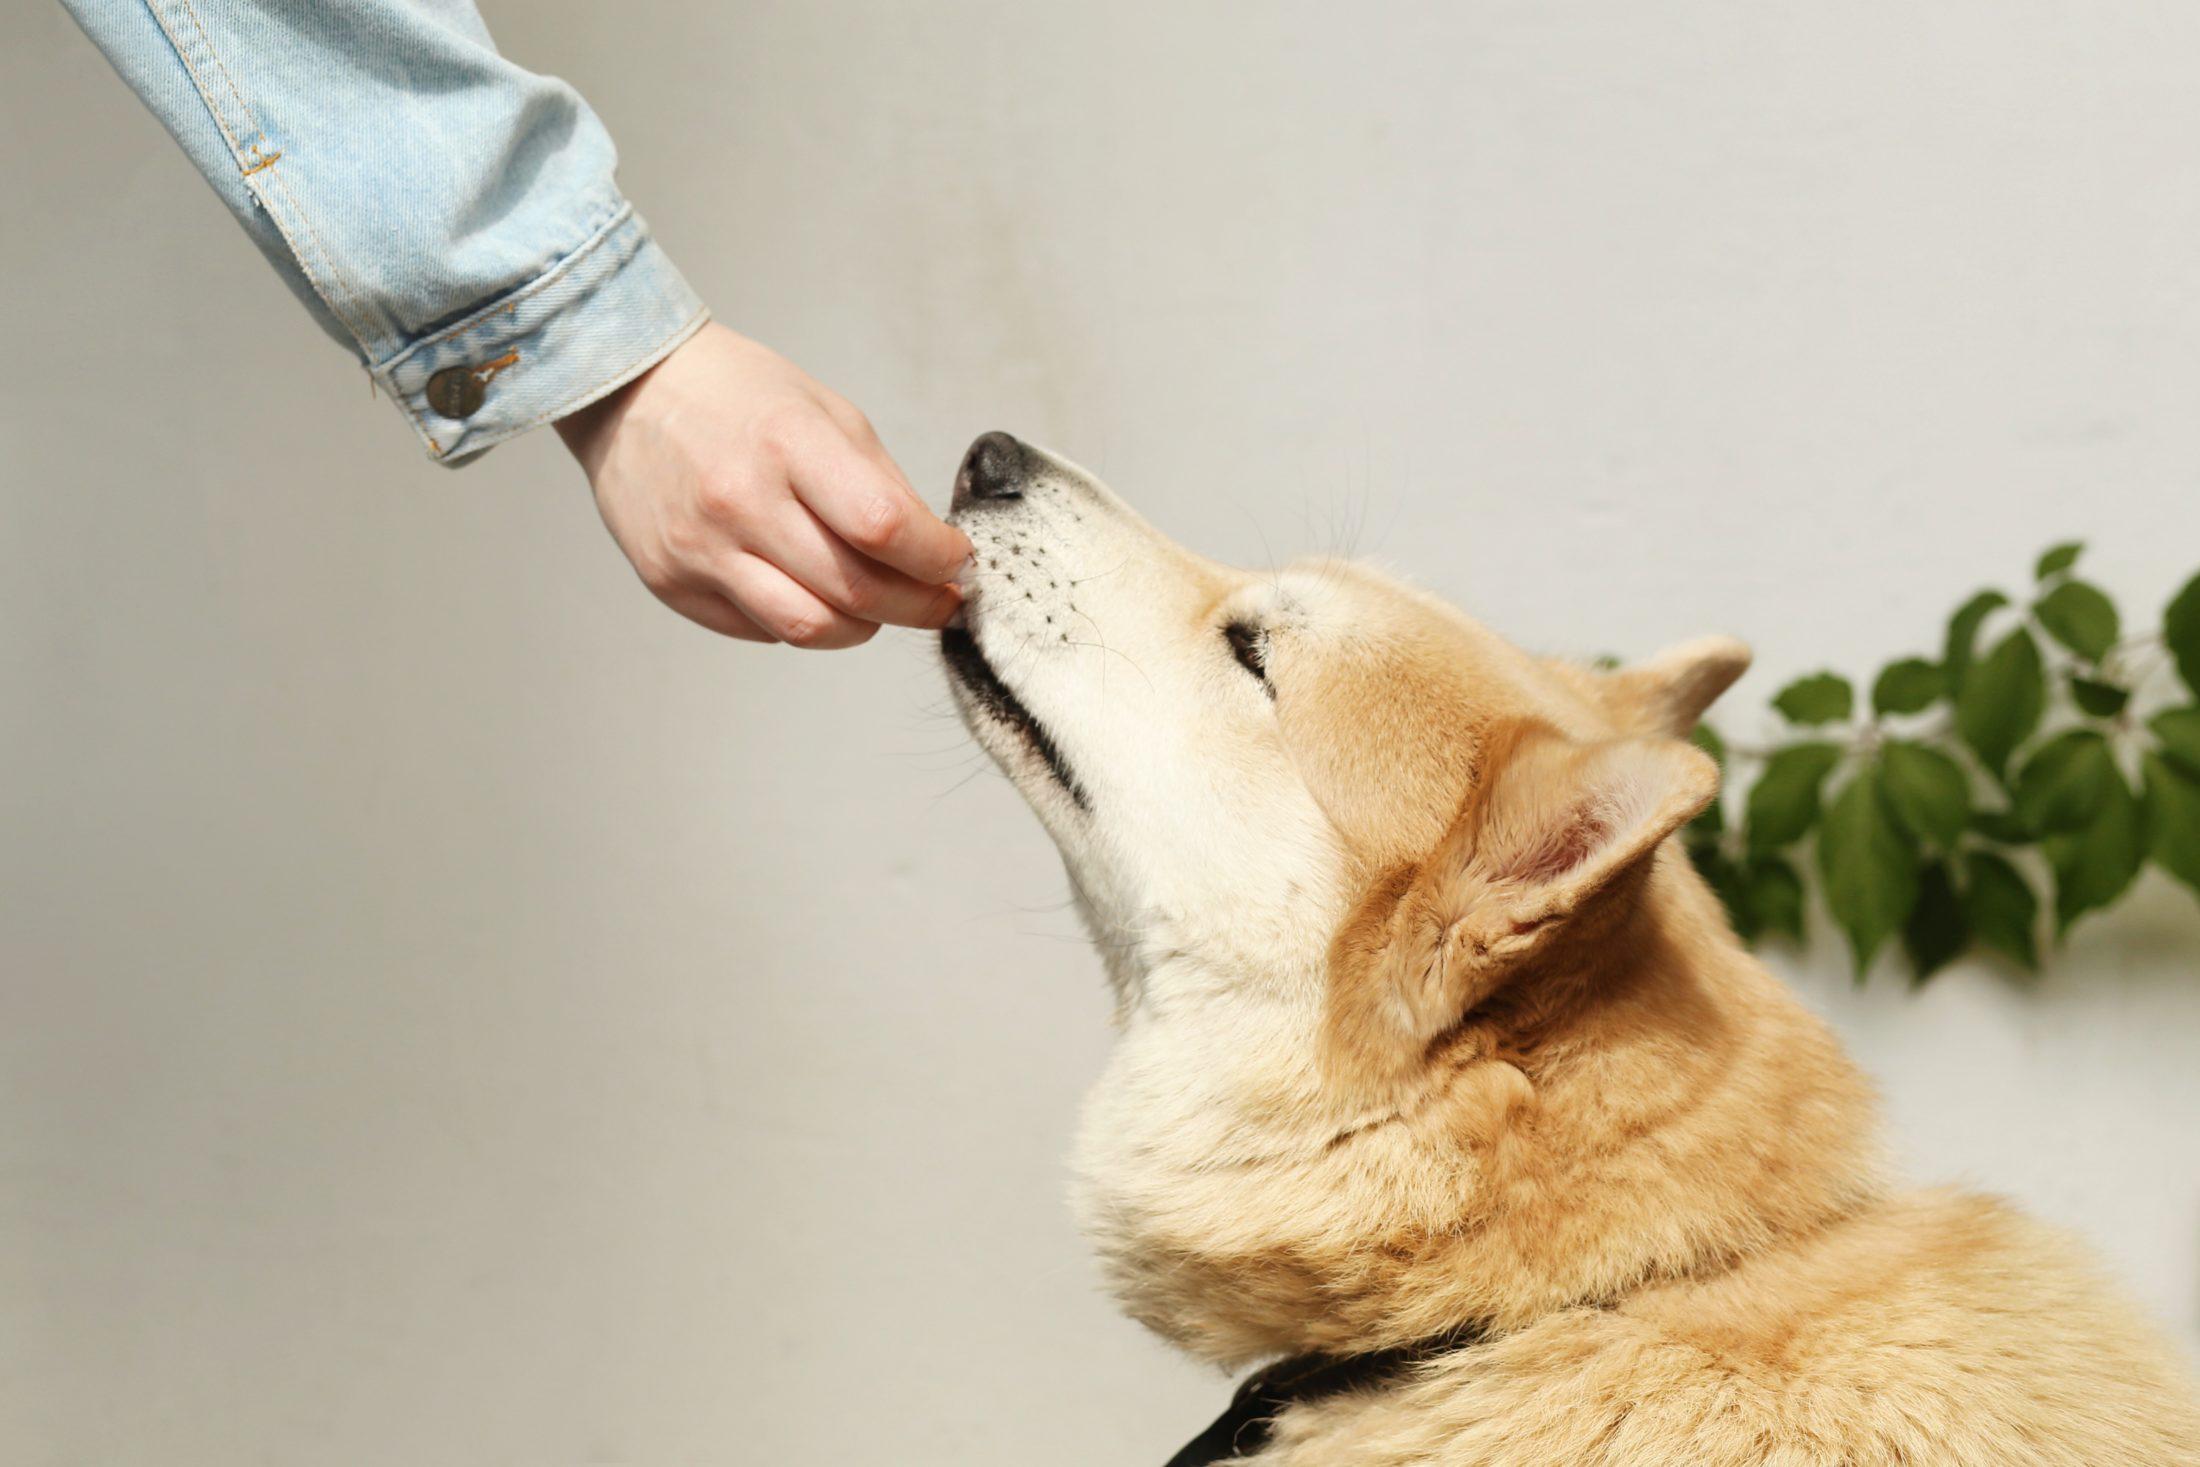 O comportamento animal de atender quando chamado pode tirar vantagem dos petiscos.